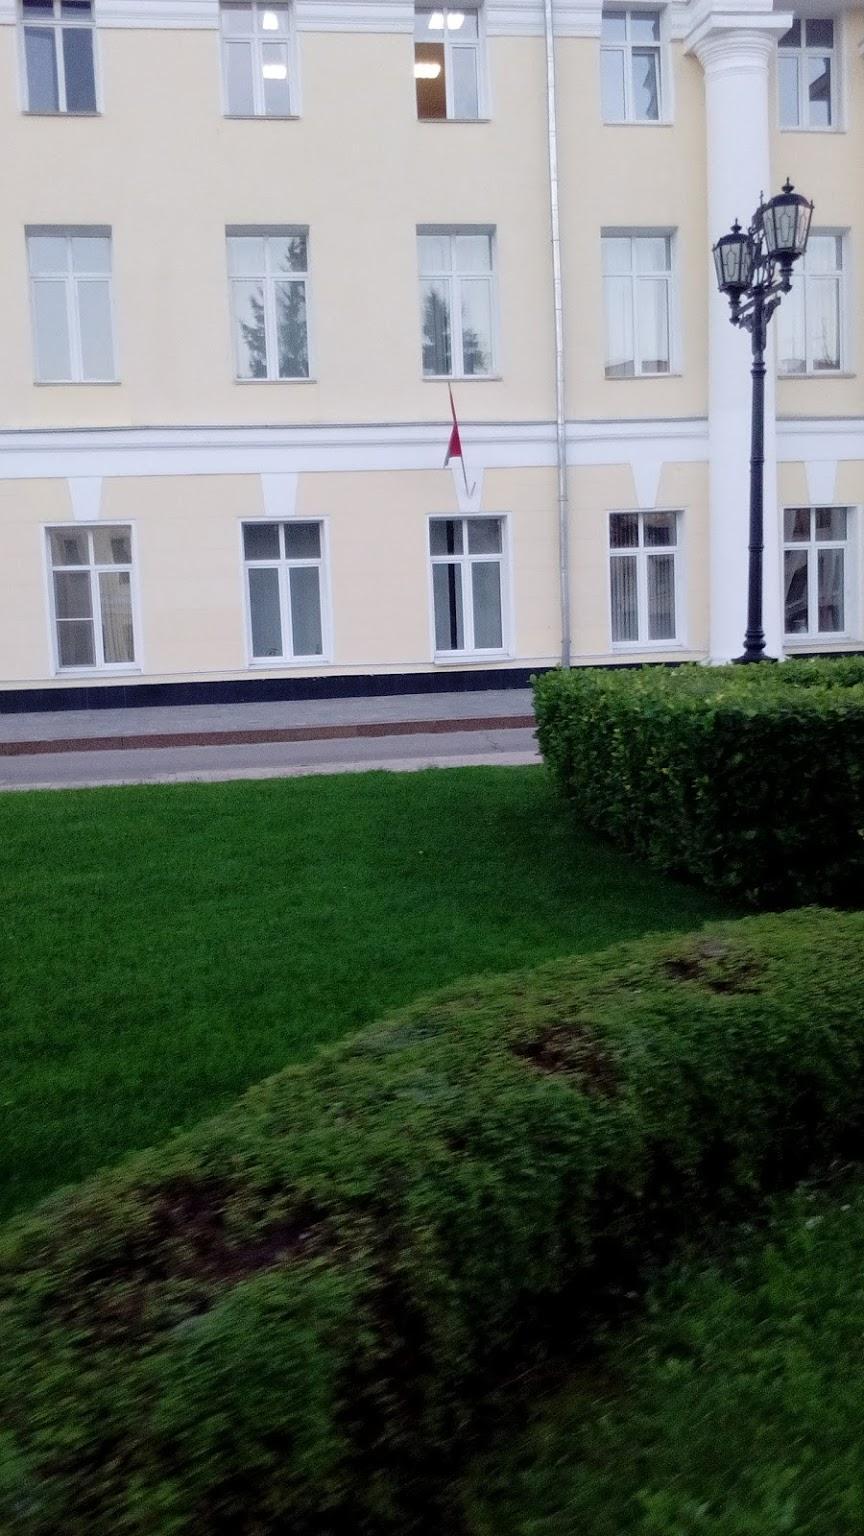 Консульство Белоруссии в Нижнем Новгороде - официальный сайт, адрес и телефон